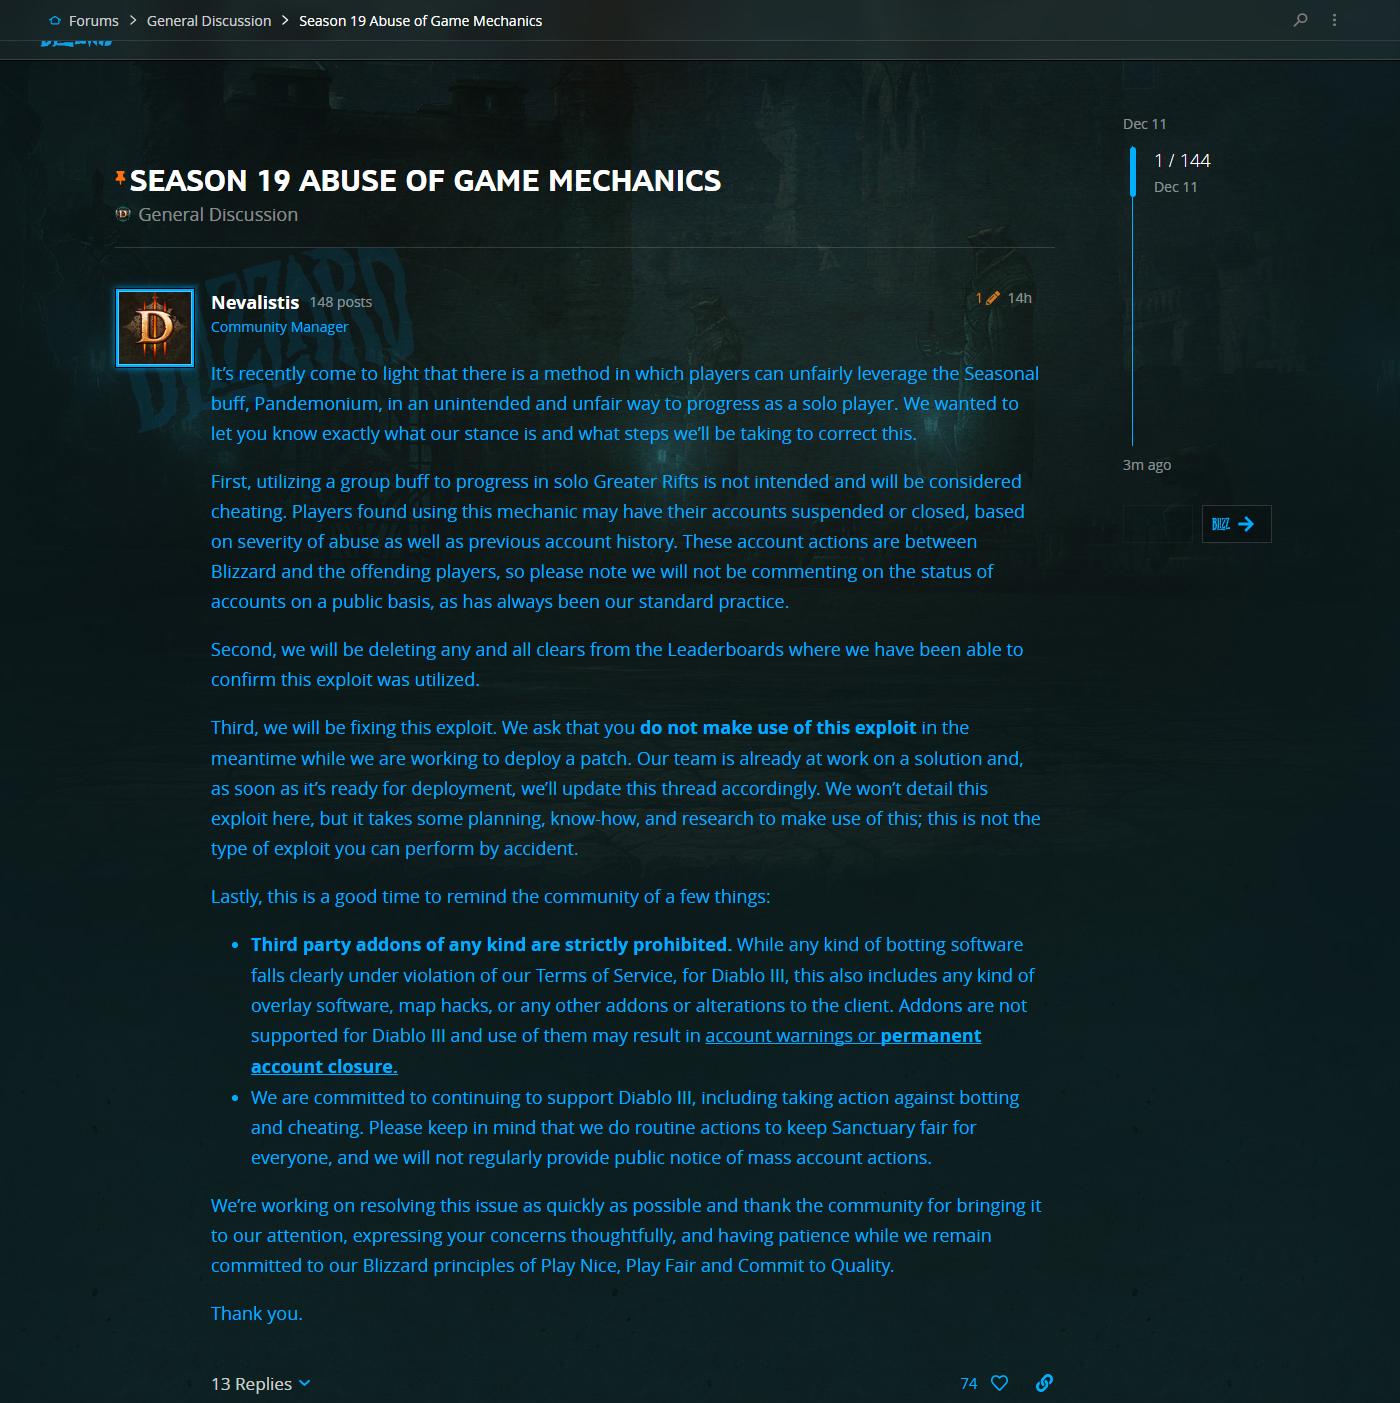 玩家滥用《暗黑3》赛季Buff获益 将遭严厉惩处